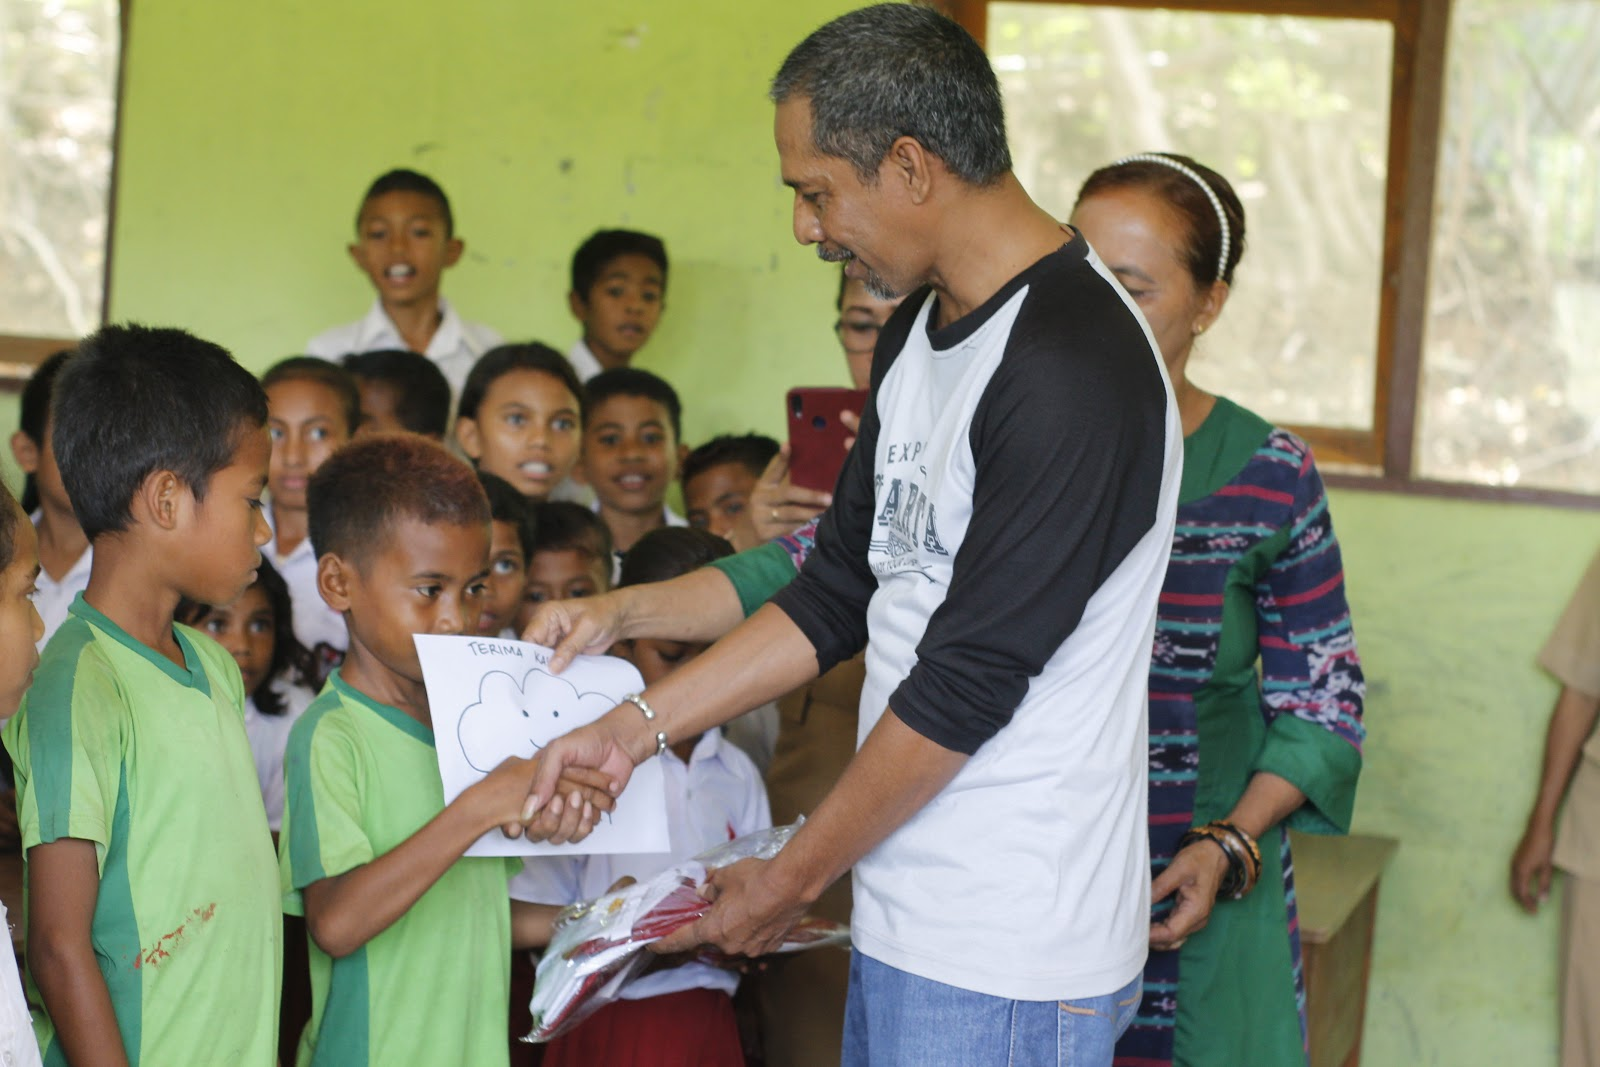 , Ratusan Siswa SD Negeri Dendeng Dapat Sumbangan Seragam, Majalah Suara Harapan, Majalah Suara Harapan